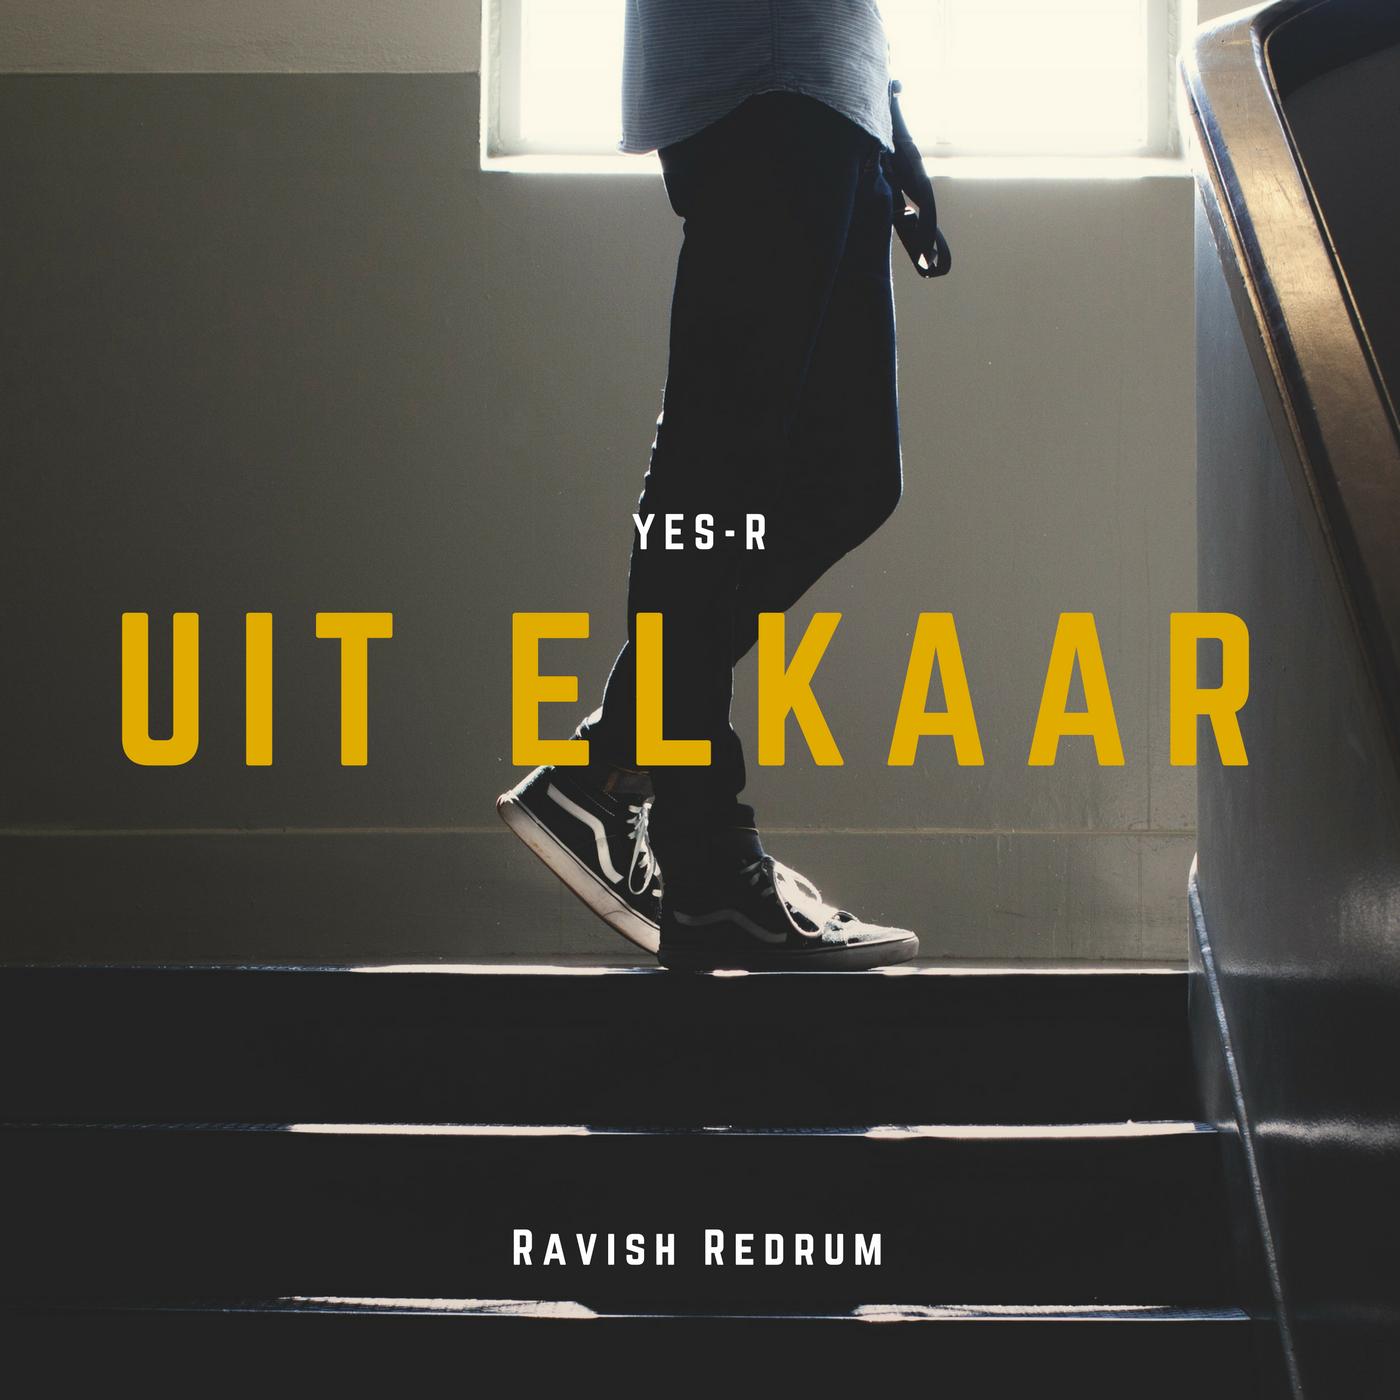 Yes-R – Uit Elkaar (Ravish Redrum)